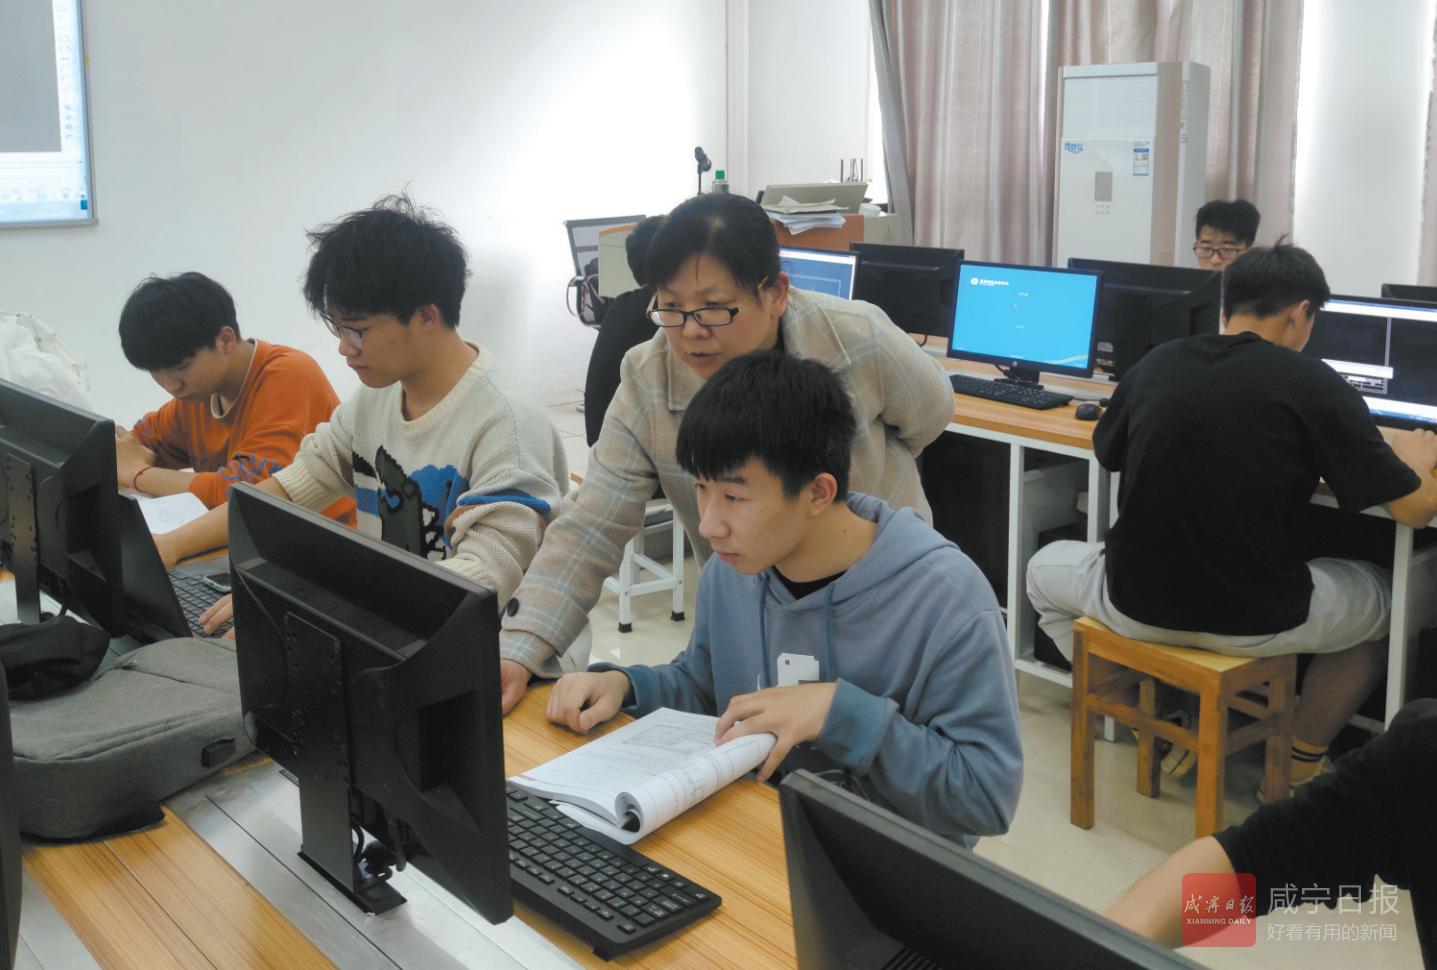 省女性科技创新人才赫焕丽:潜心教学教研,做教育工匠践行者